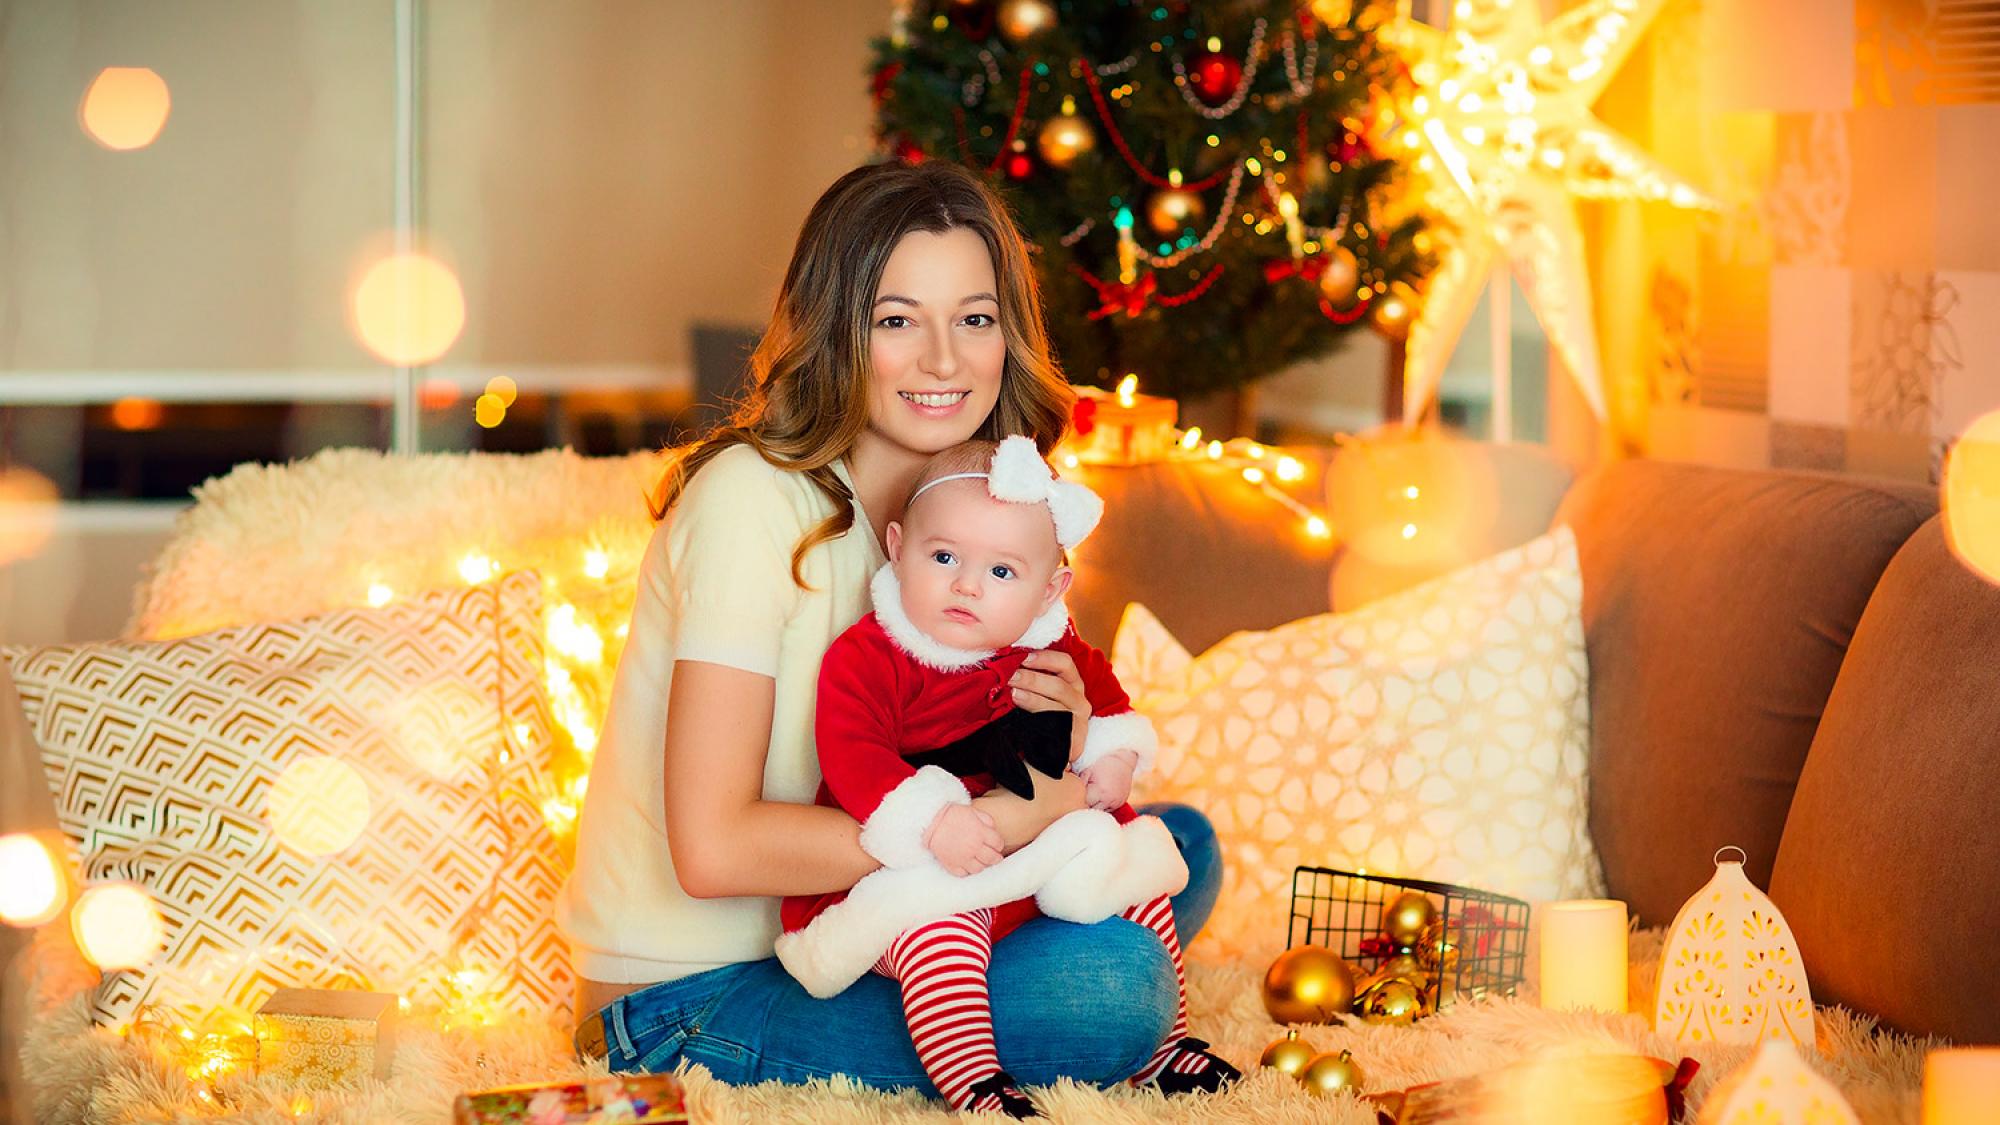 Мама и девочка 5 месяцев. Домашняя фотосессия